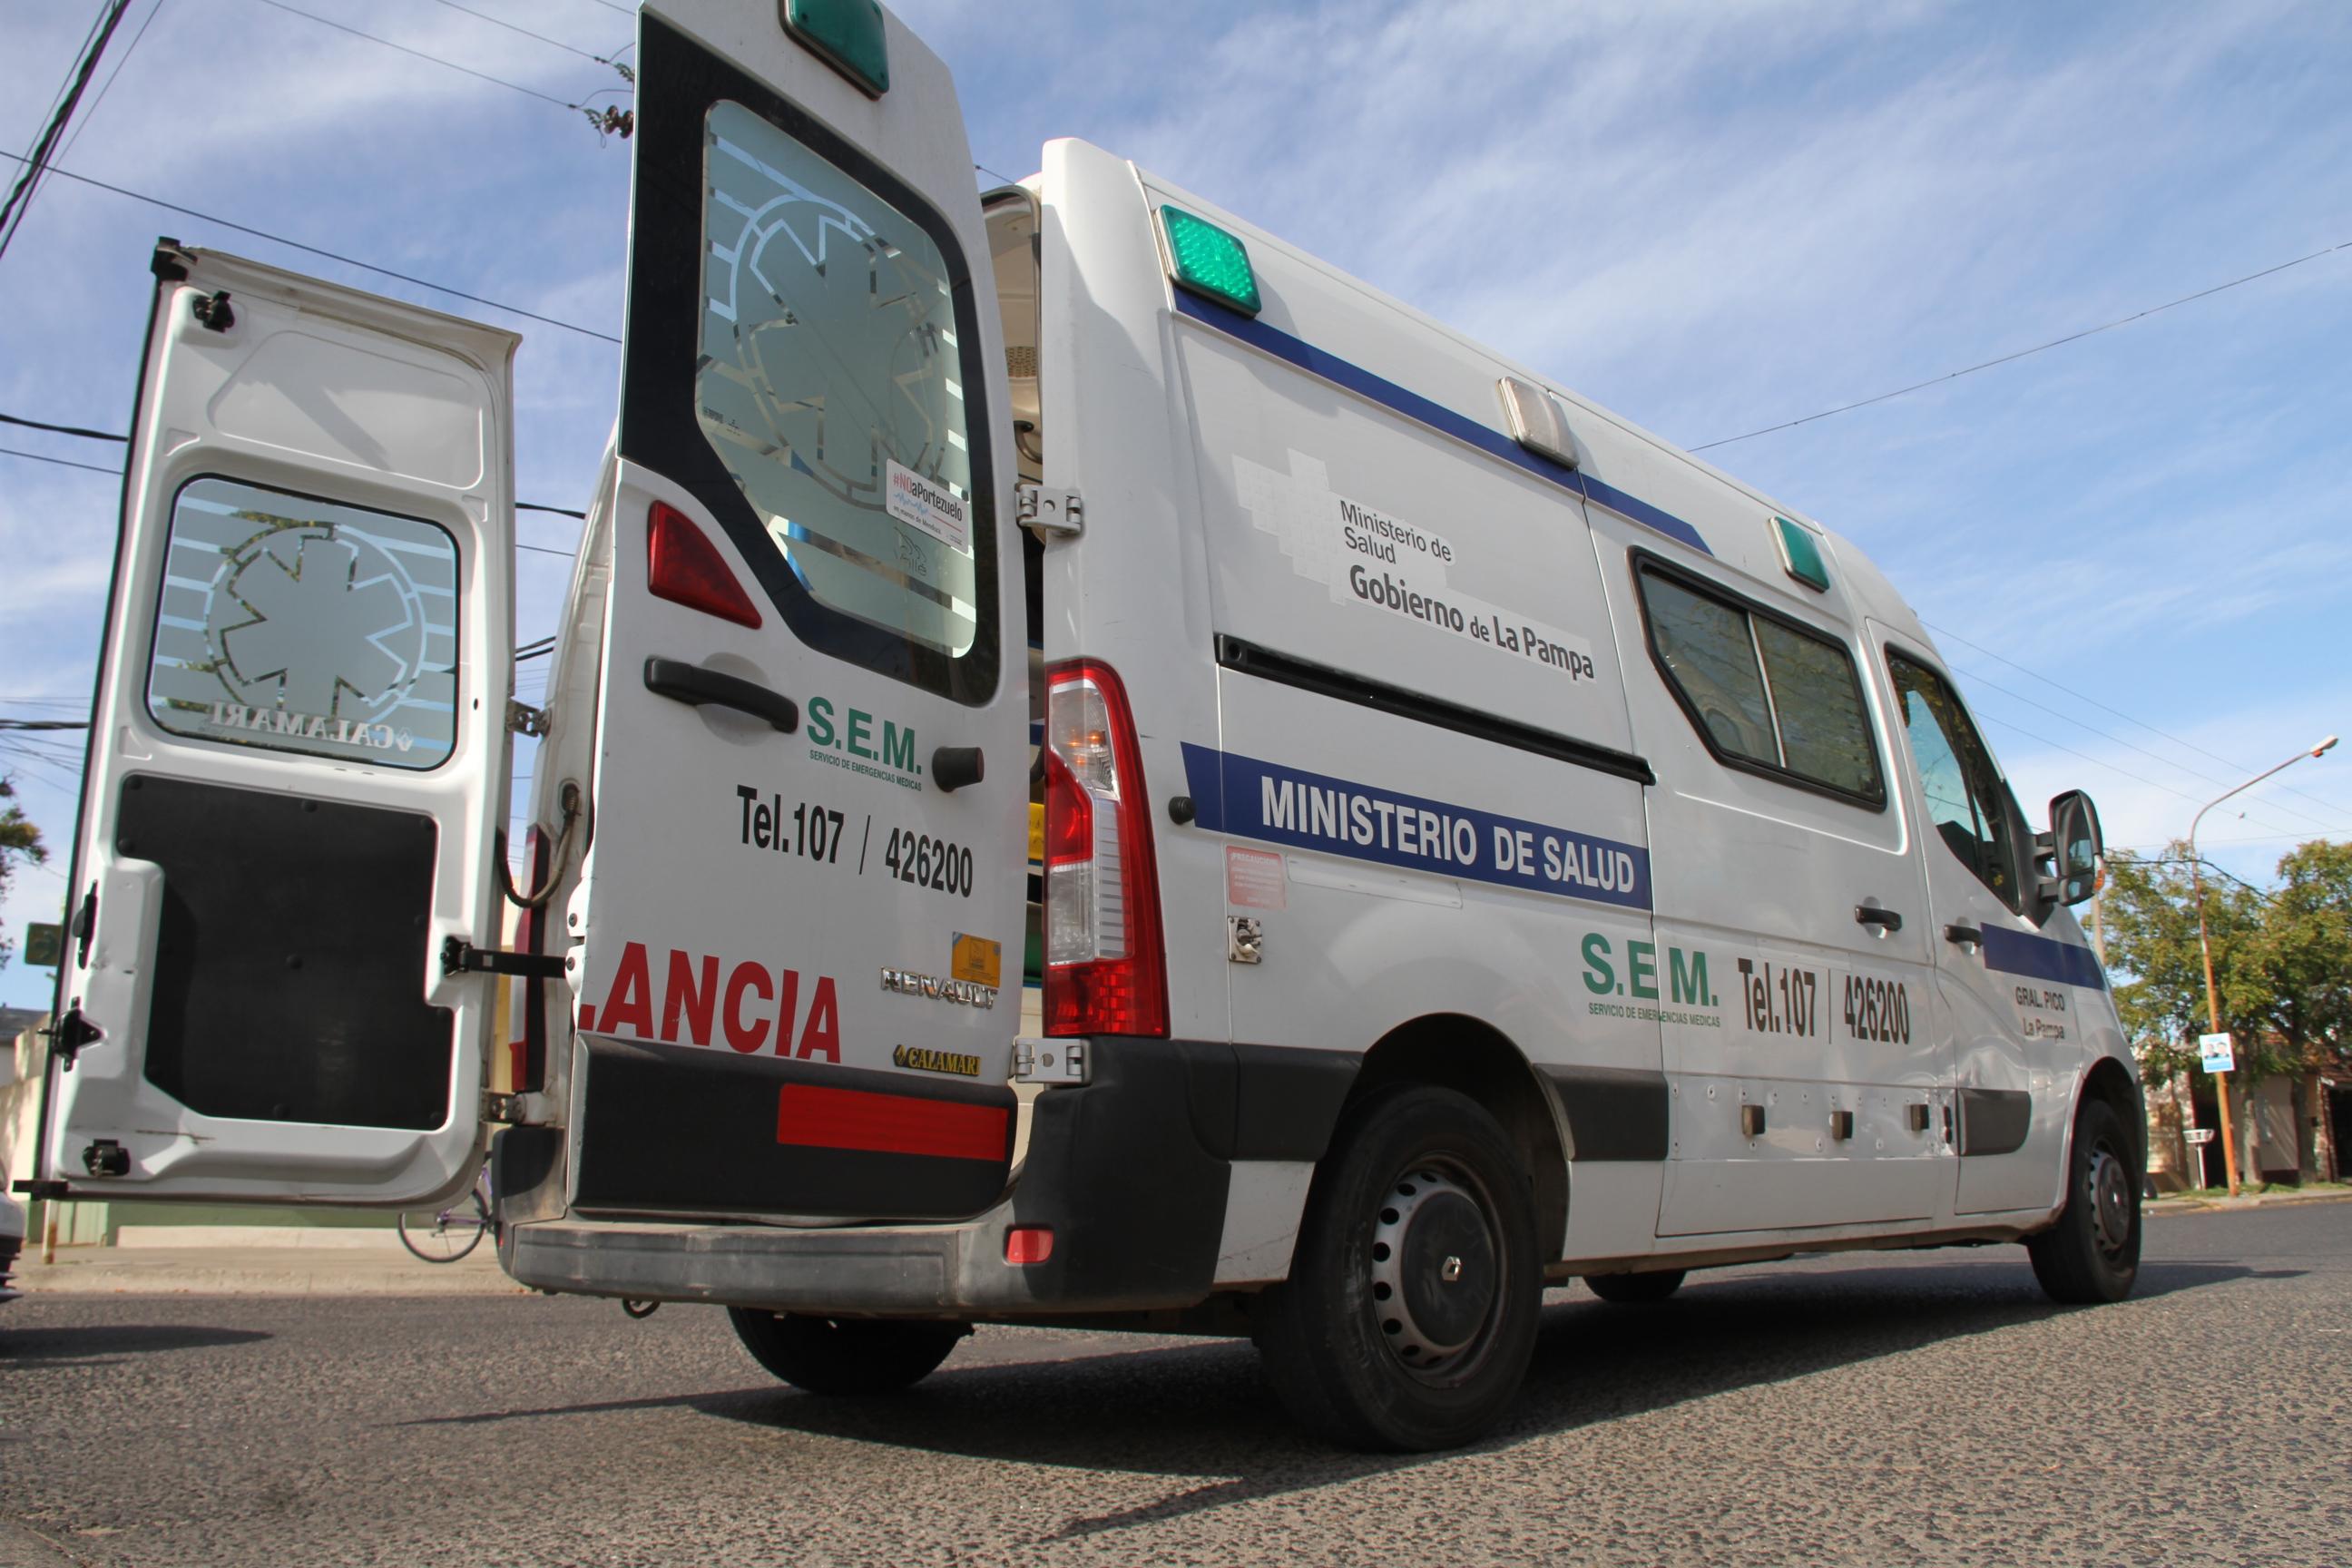 Tragedia en General Pico: Murió una persona al caer mientras arreglaba el techo de un reconocido comercio